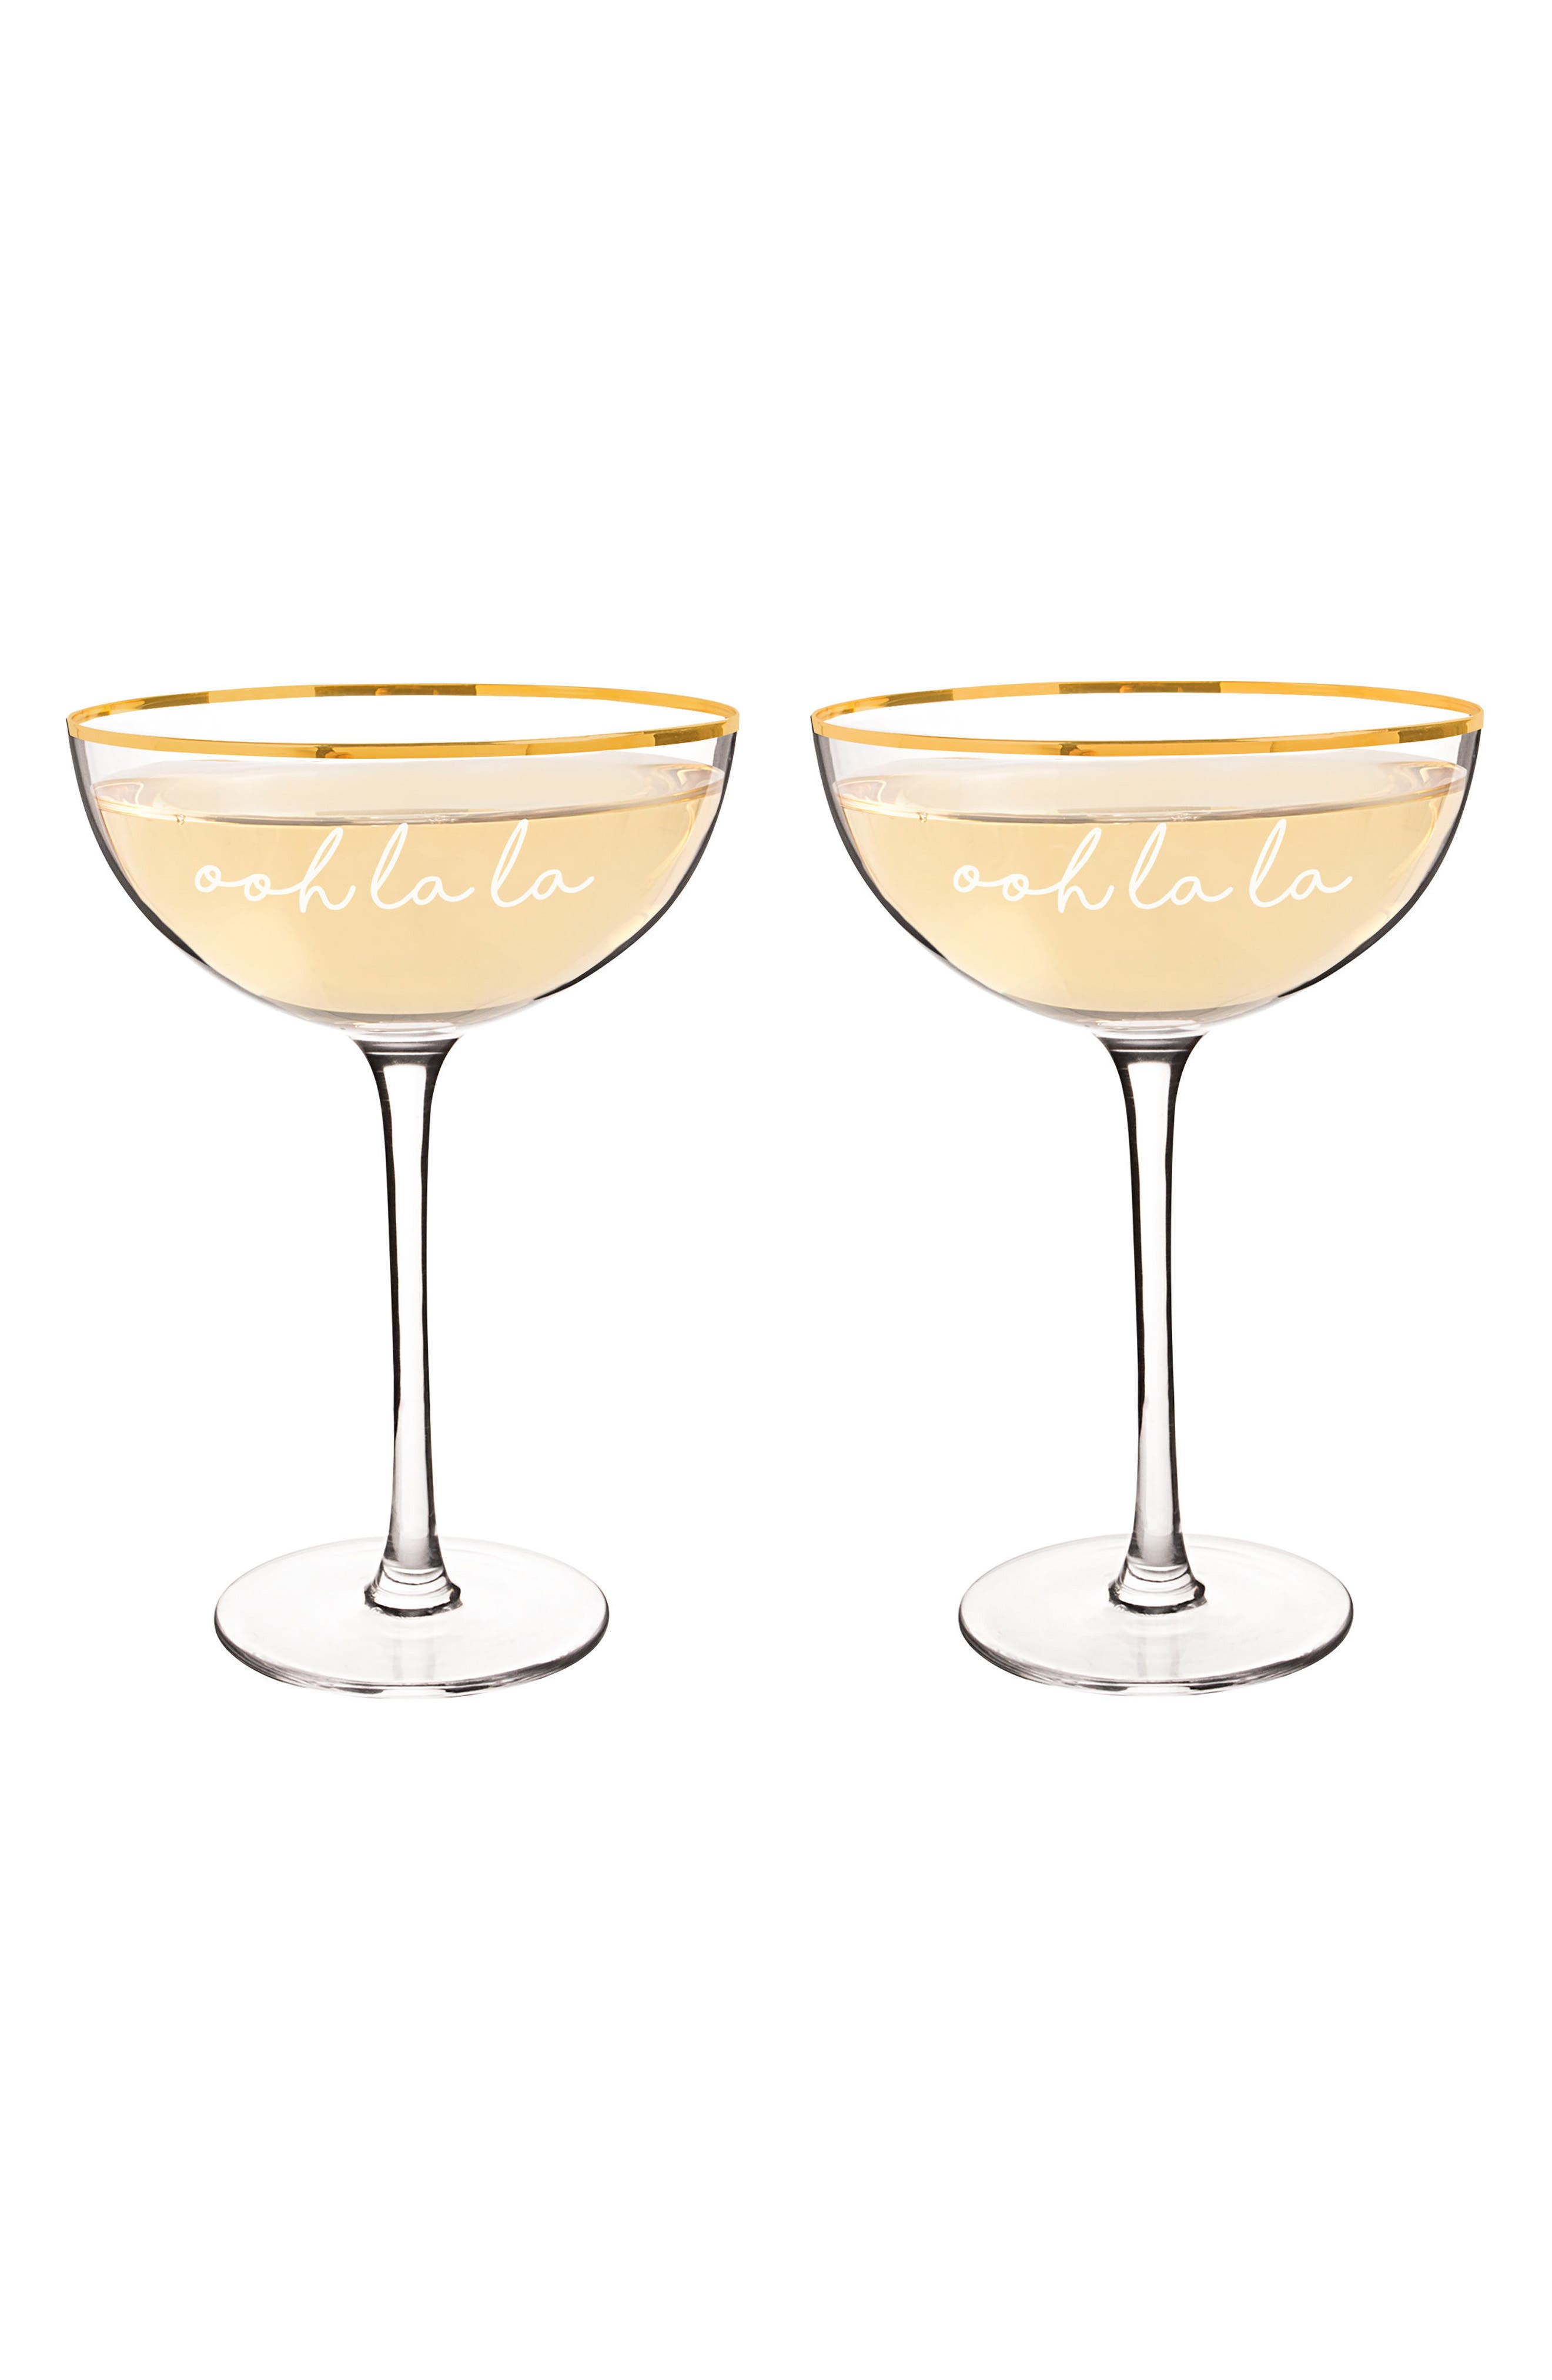 Ooh La La Set of 2 Champagne Coupes,                             Main thumbnail 1, color,                             100